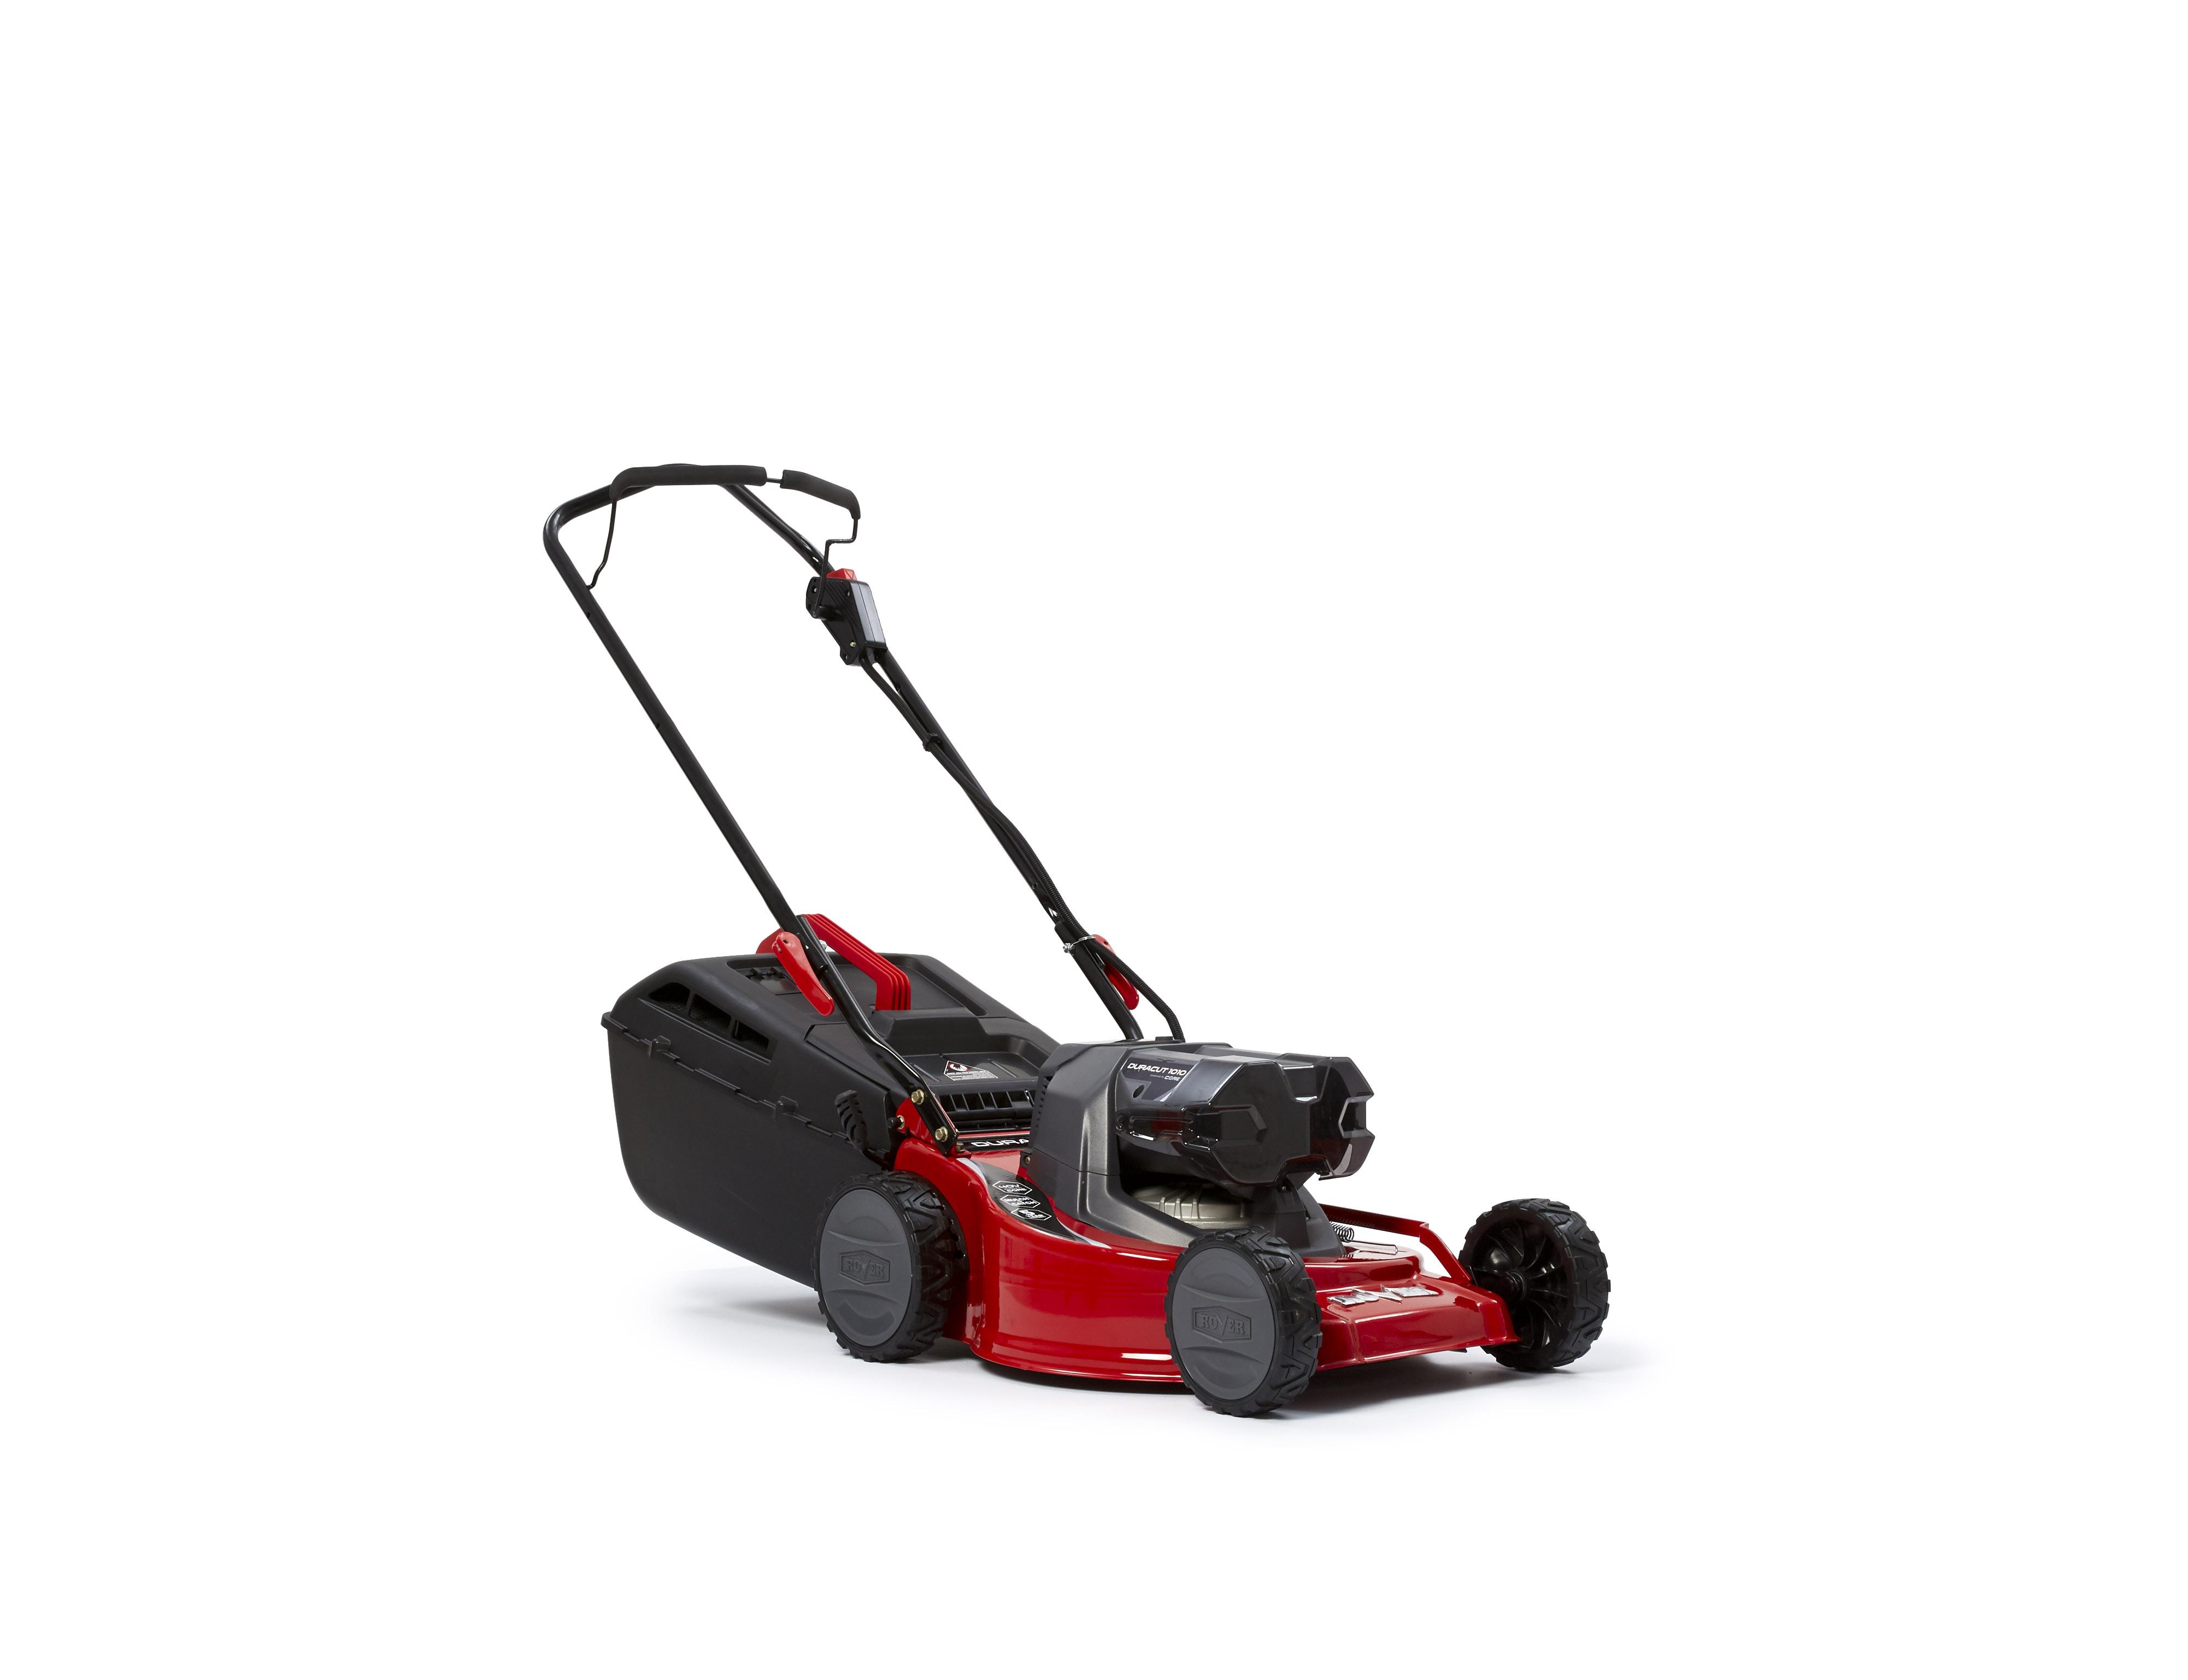 ROVER CORE Durocut Lawnmower